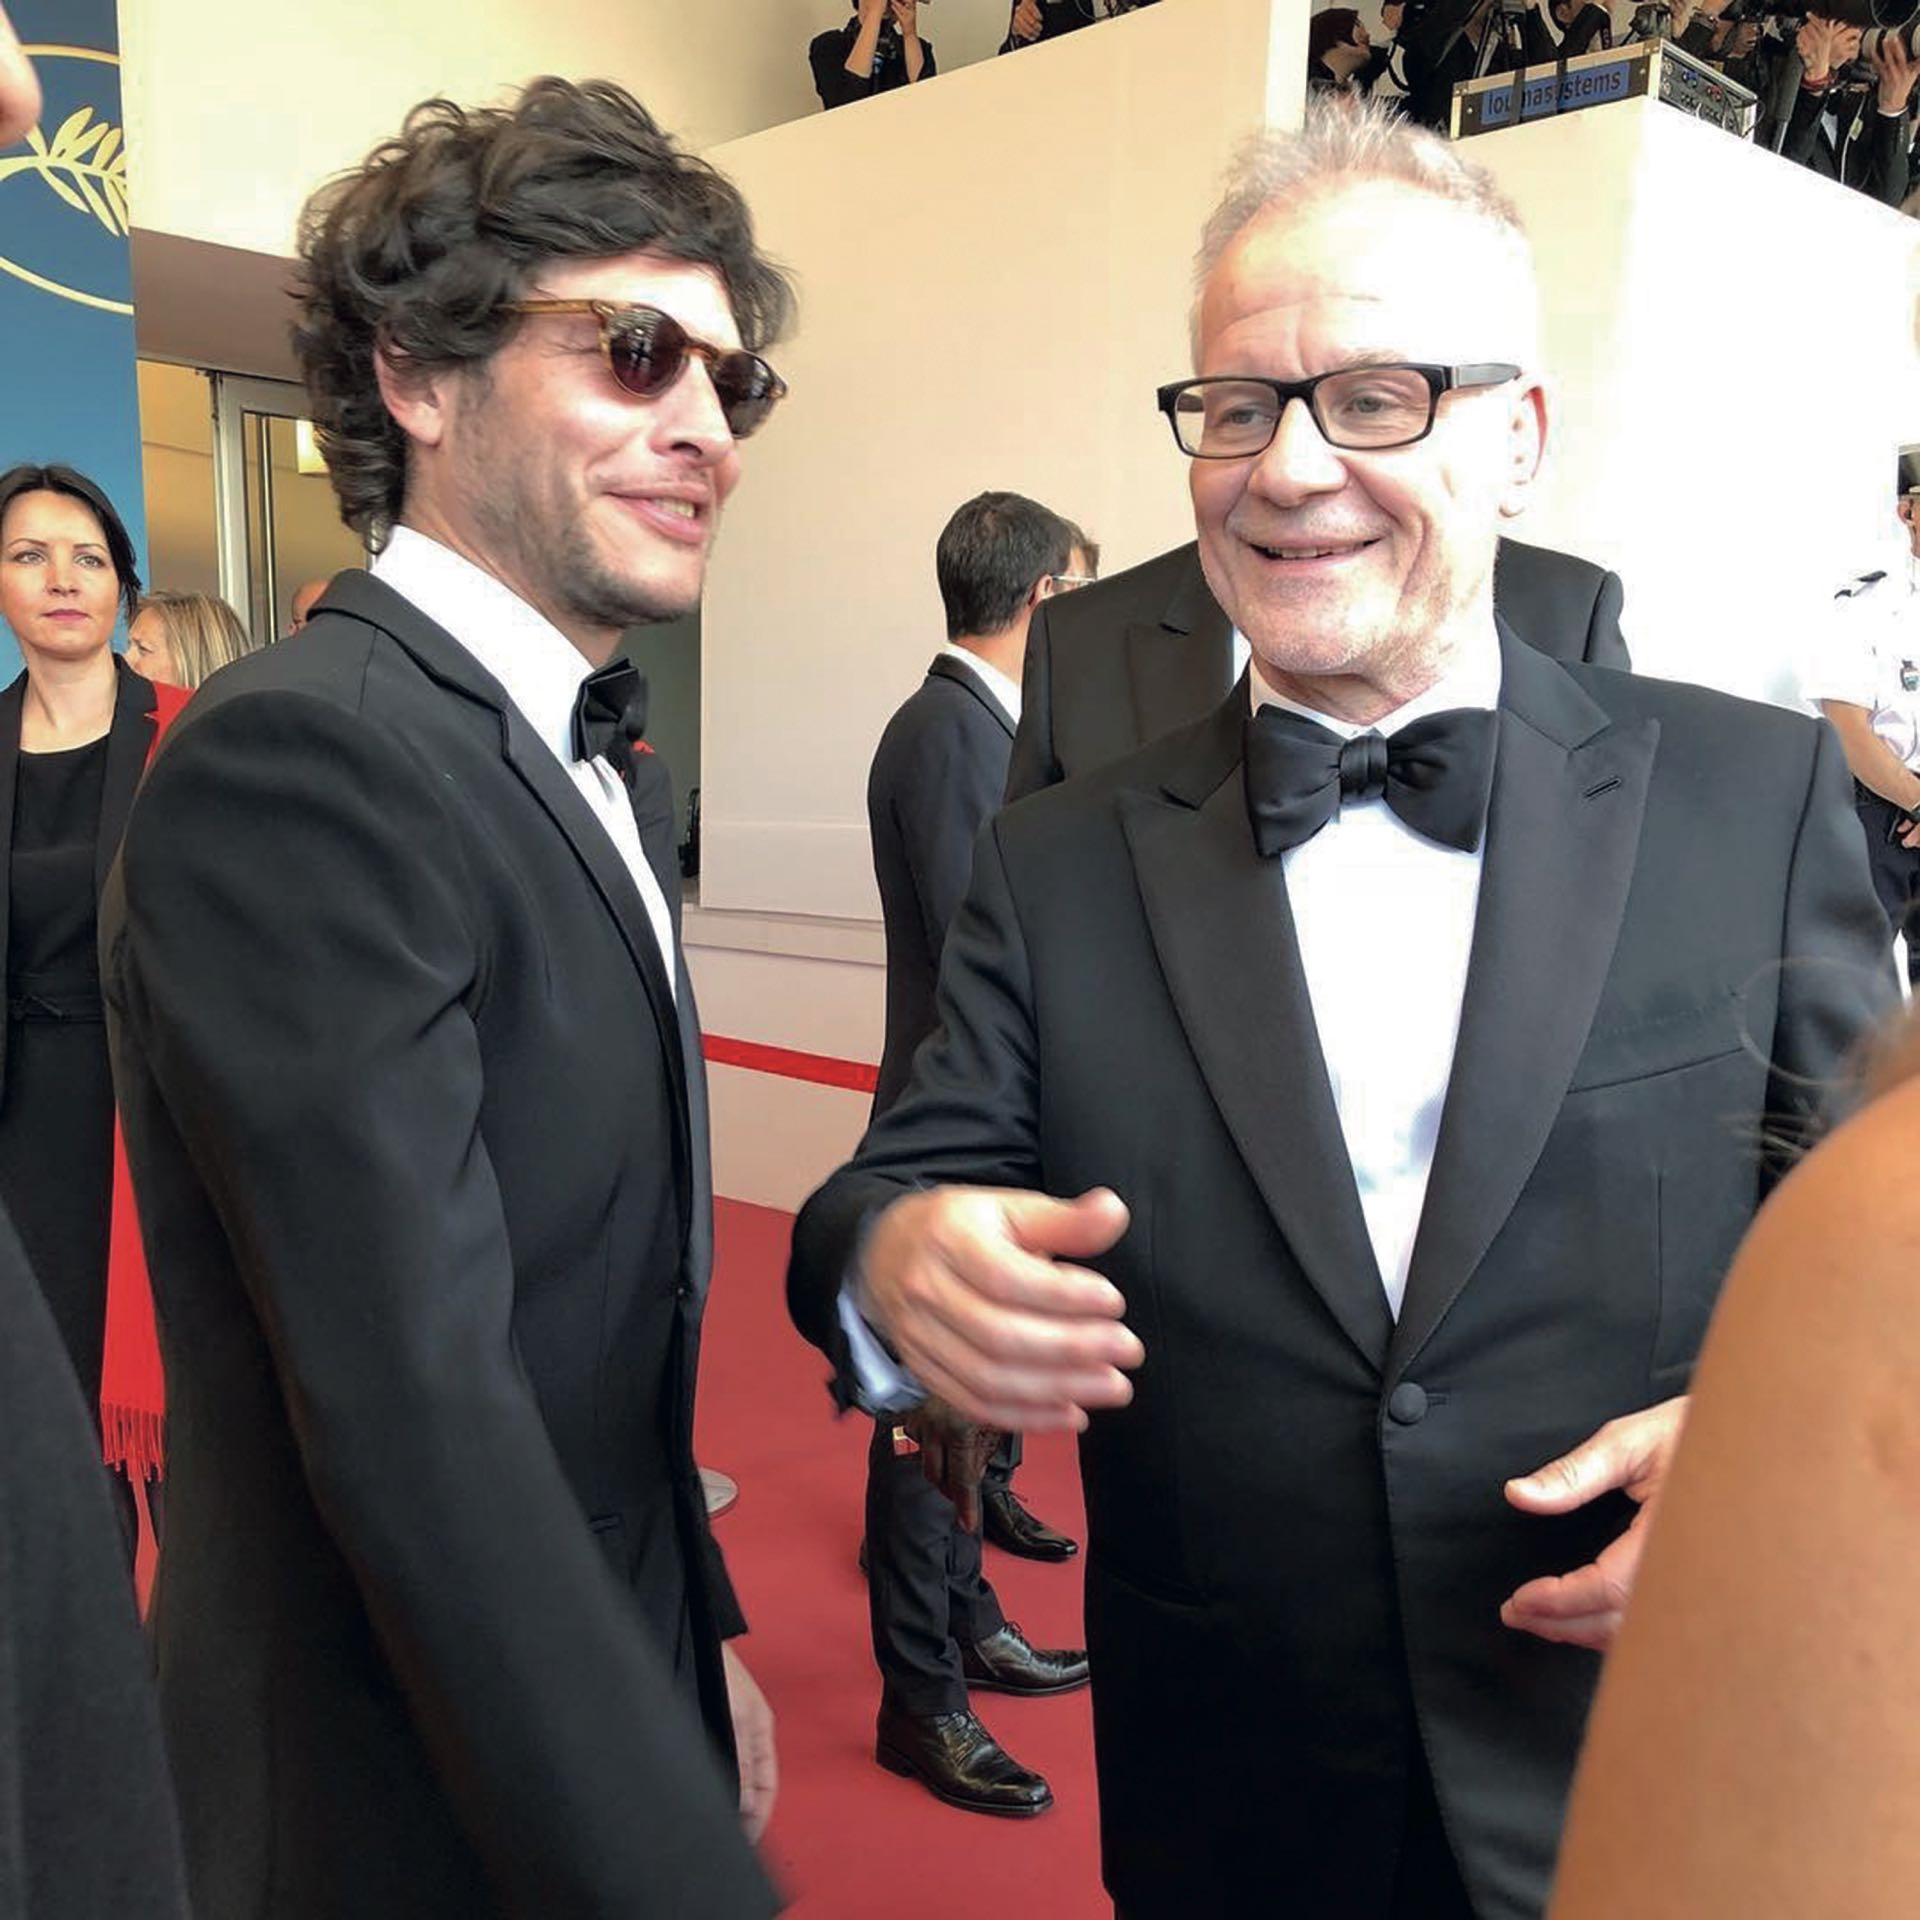 Luis junto al director artístico del festival, Thierry Frémaux.